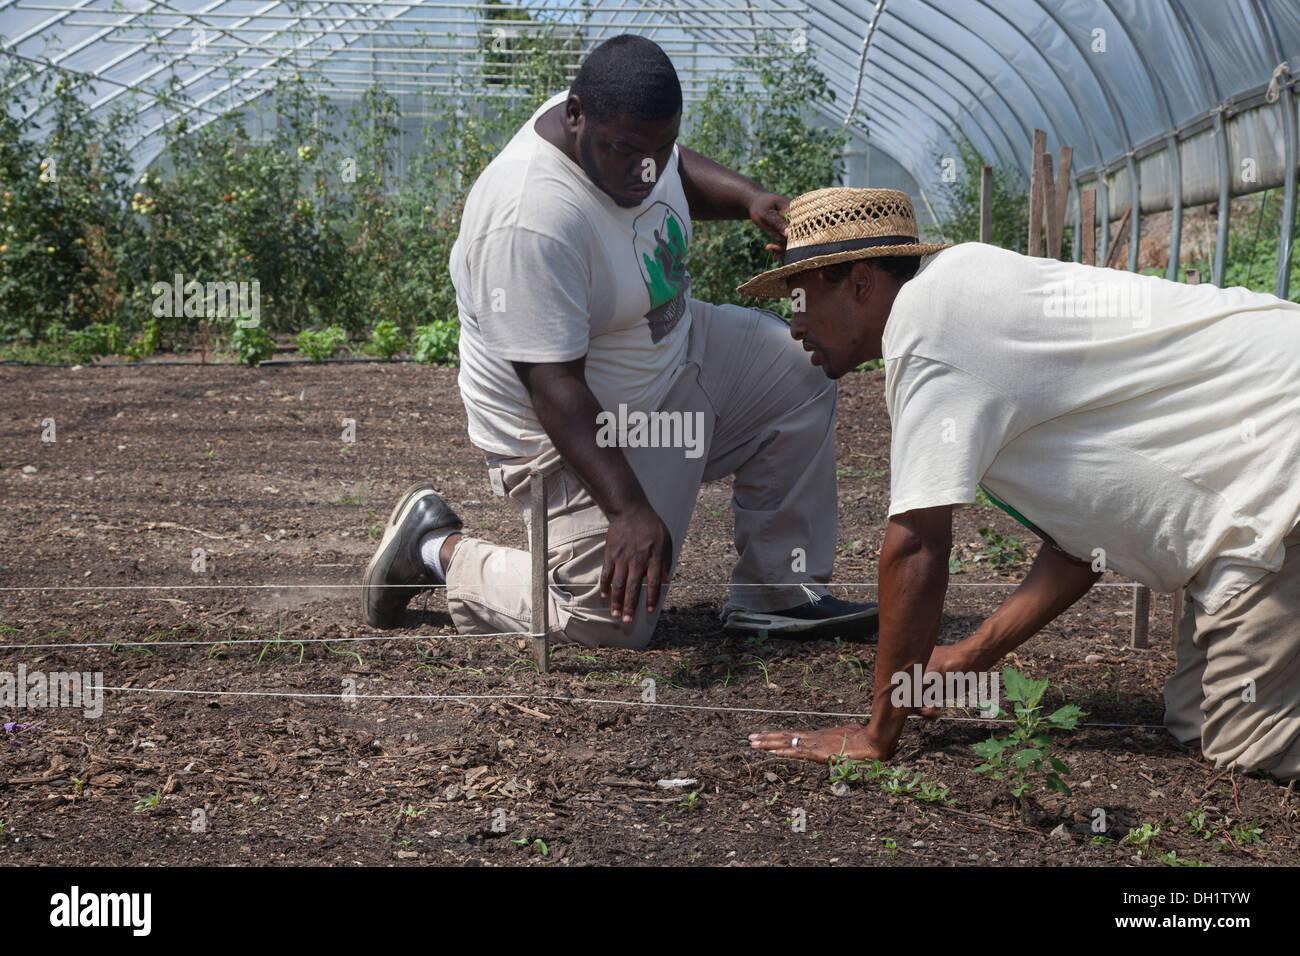 Studenten in städtische Landwirtschaft Trainingsprogramm ...